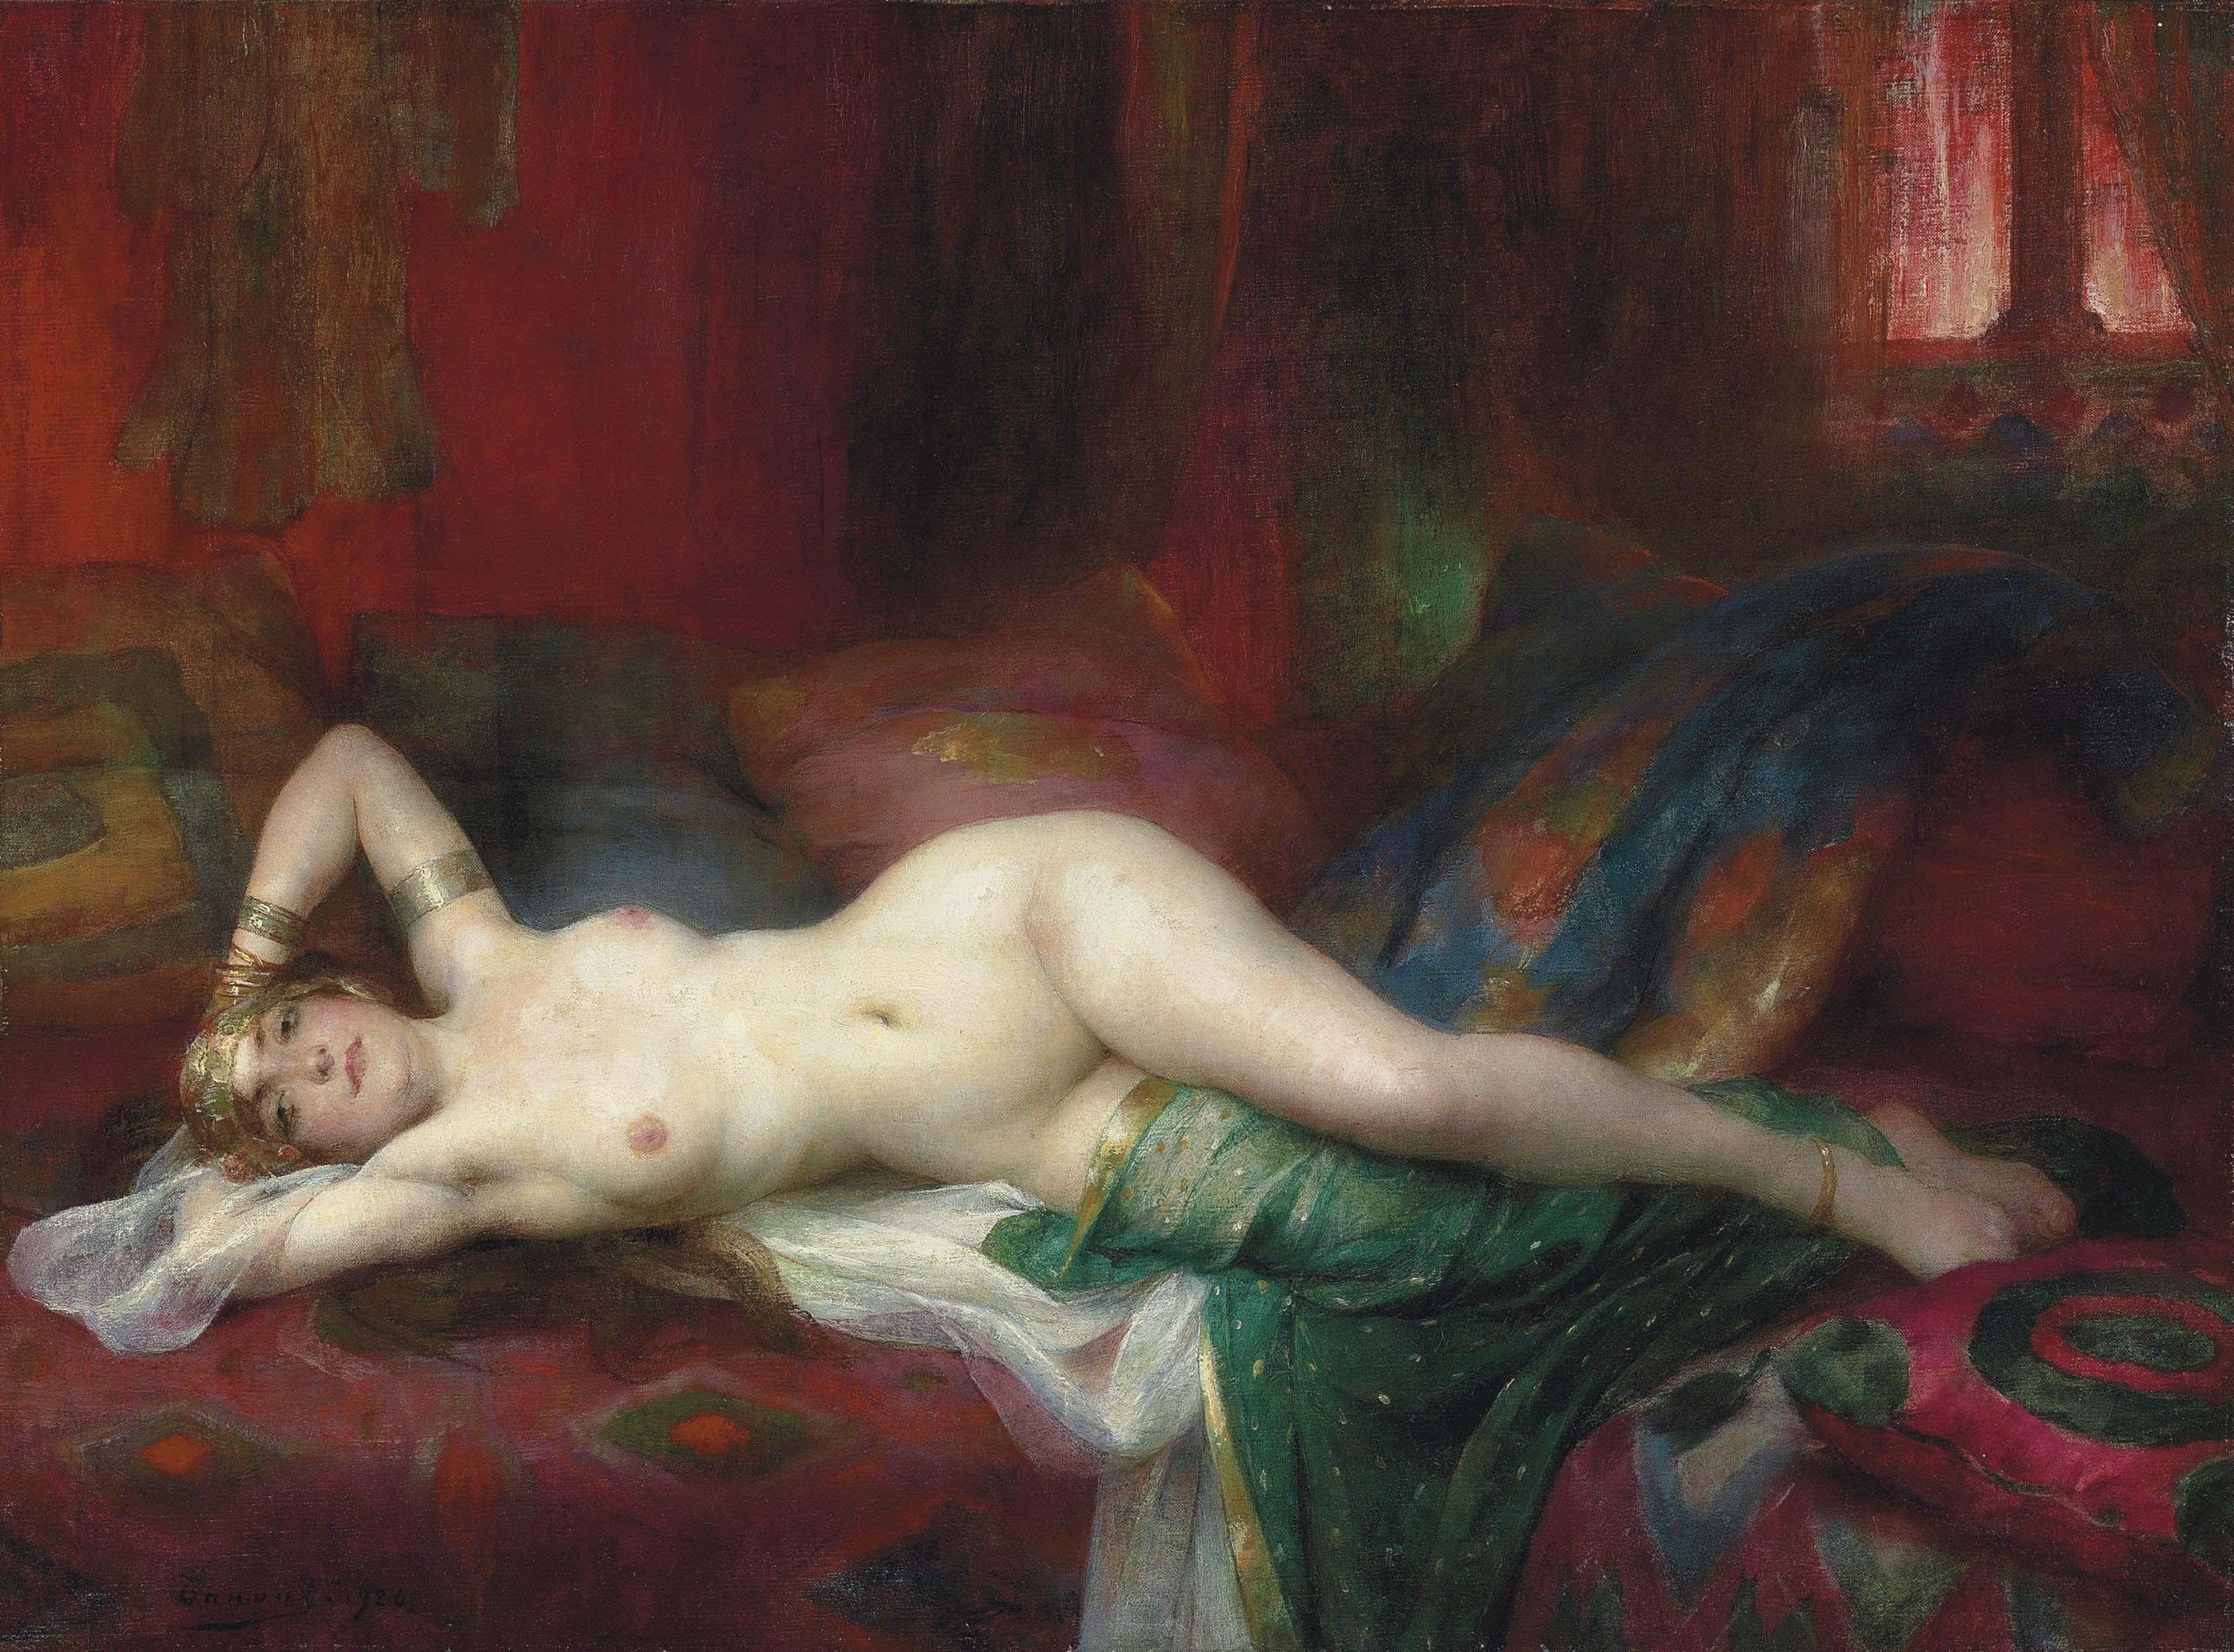 Adrien Henri Tanoux, 1865-1923. Одалиска. 1920. 54 x 73.4 см. Частная коллекция